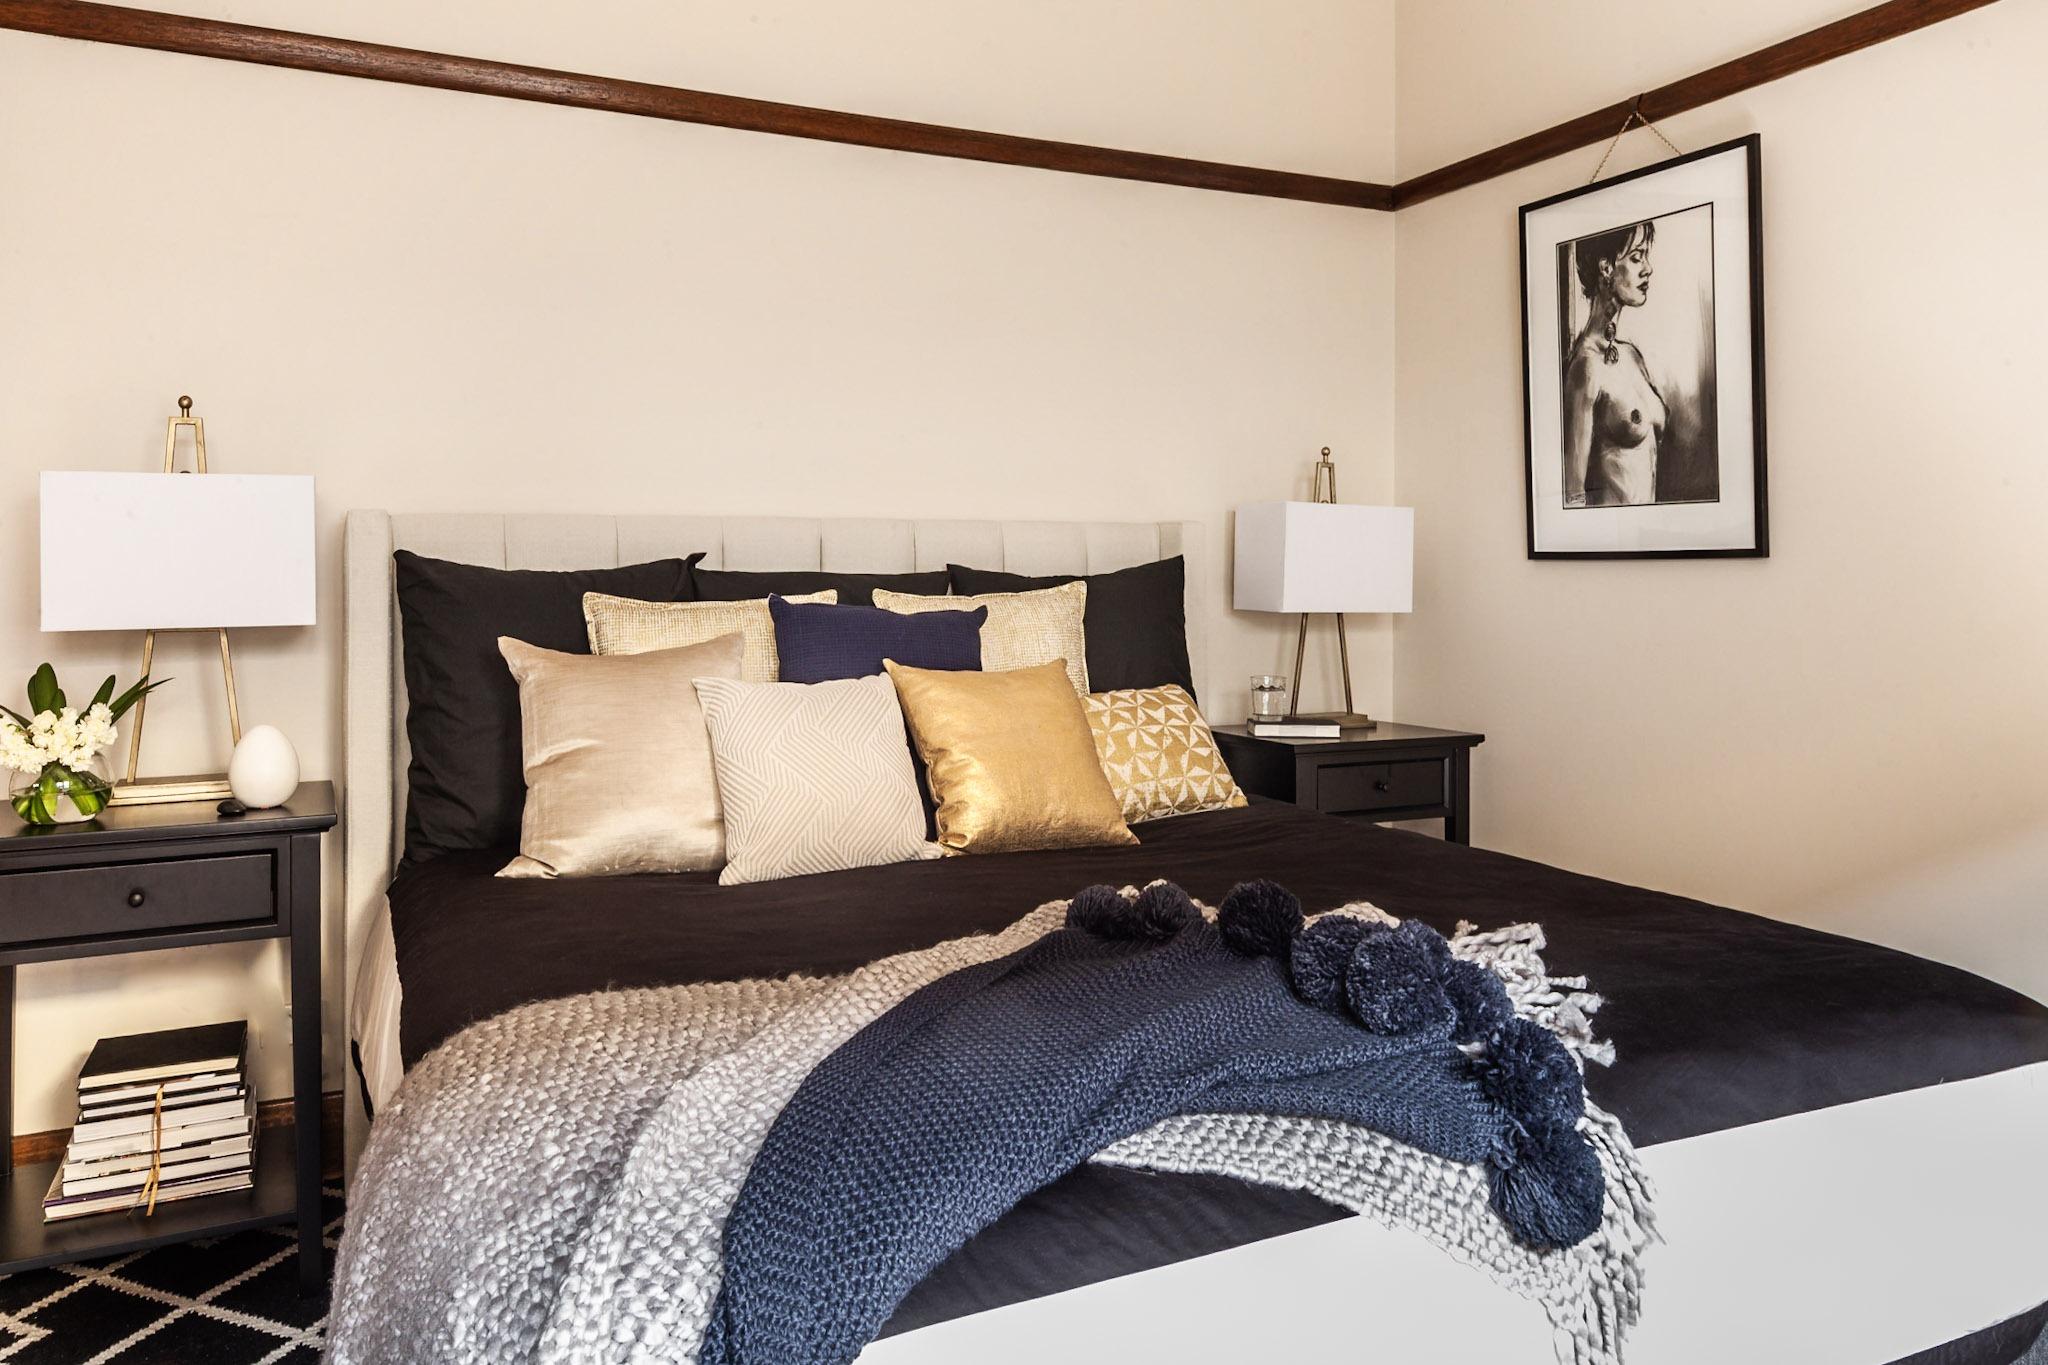 coburg bedroom 2-20180628-_MG_1959